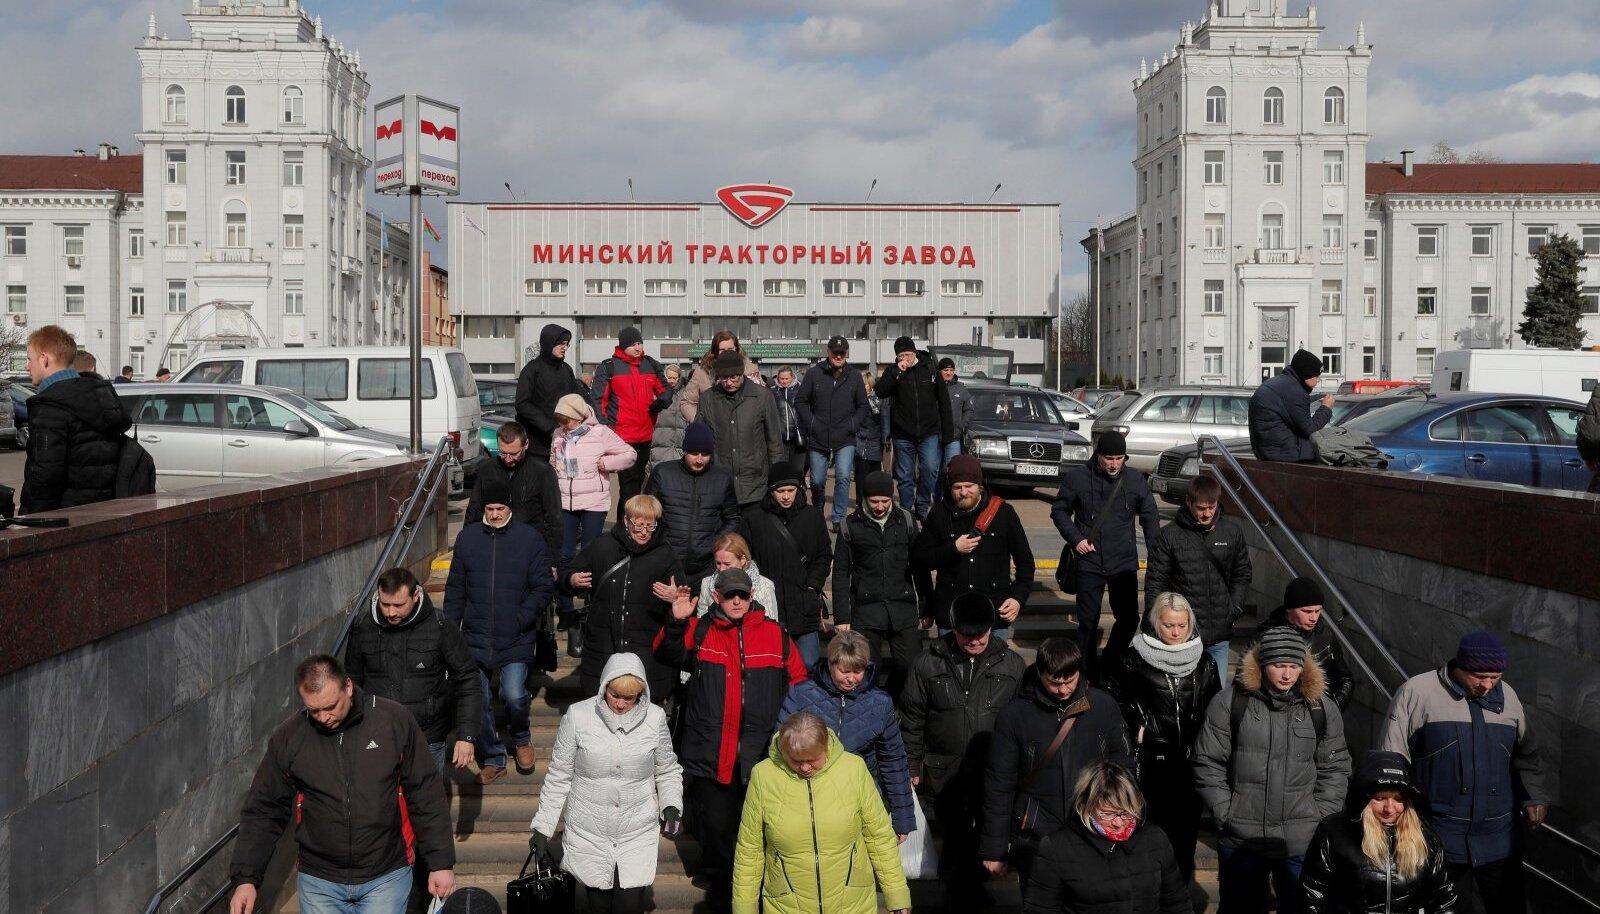 Minski traktoritehase metroopeatus kolmapäeva õhtupoolikul